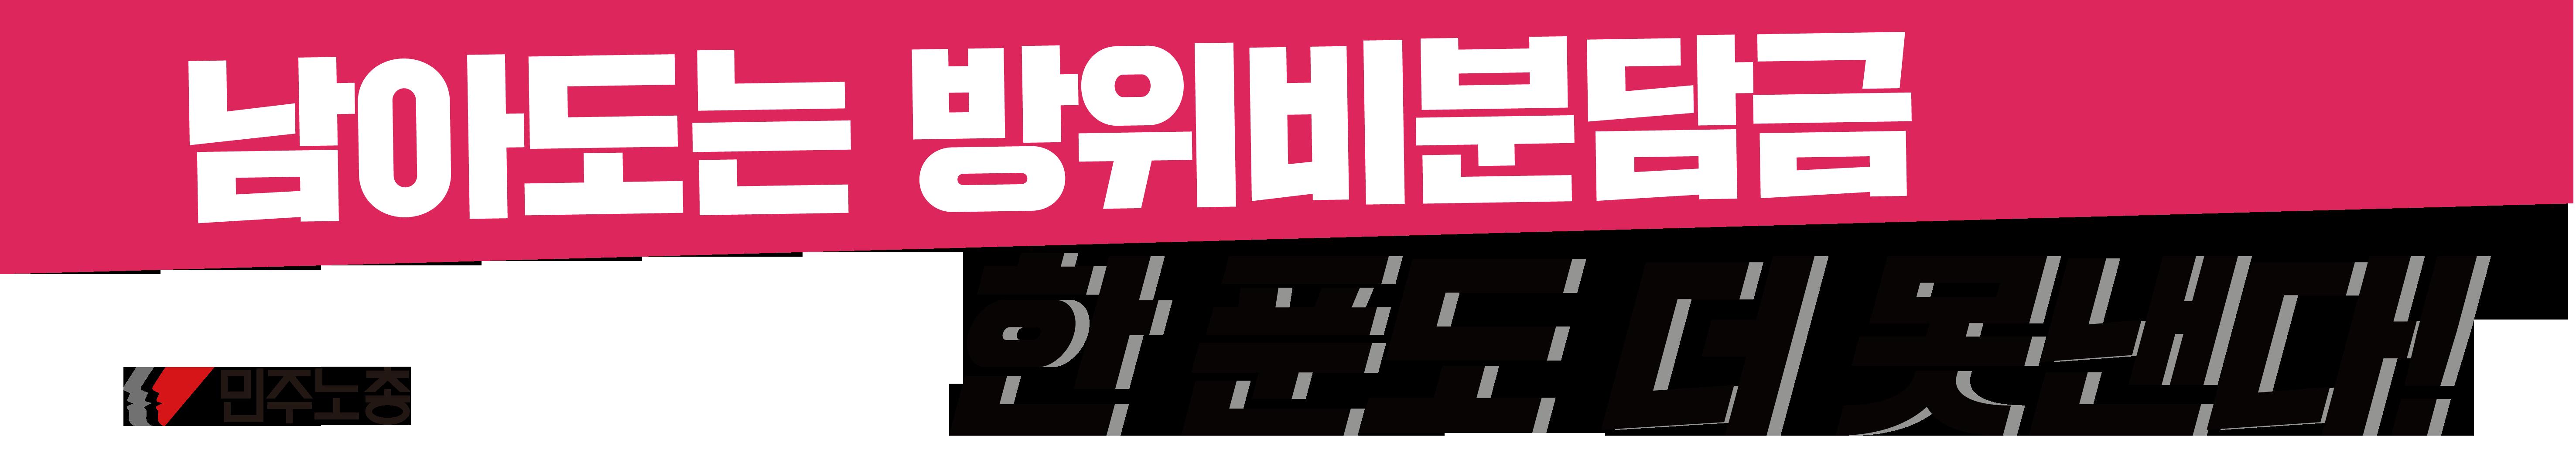 현수막1 사본.PNG